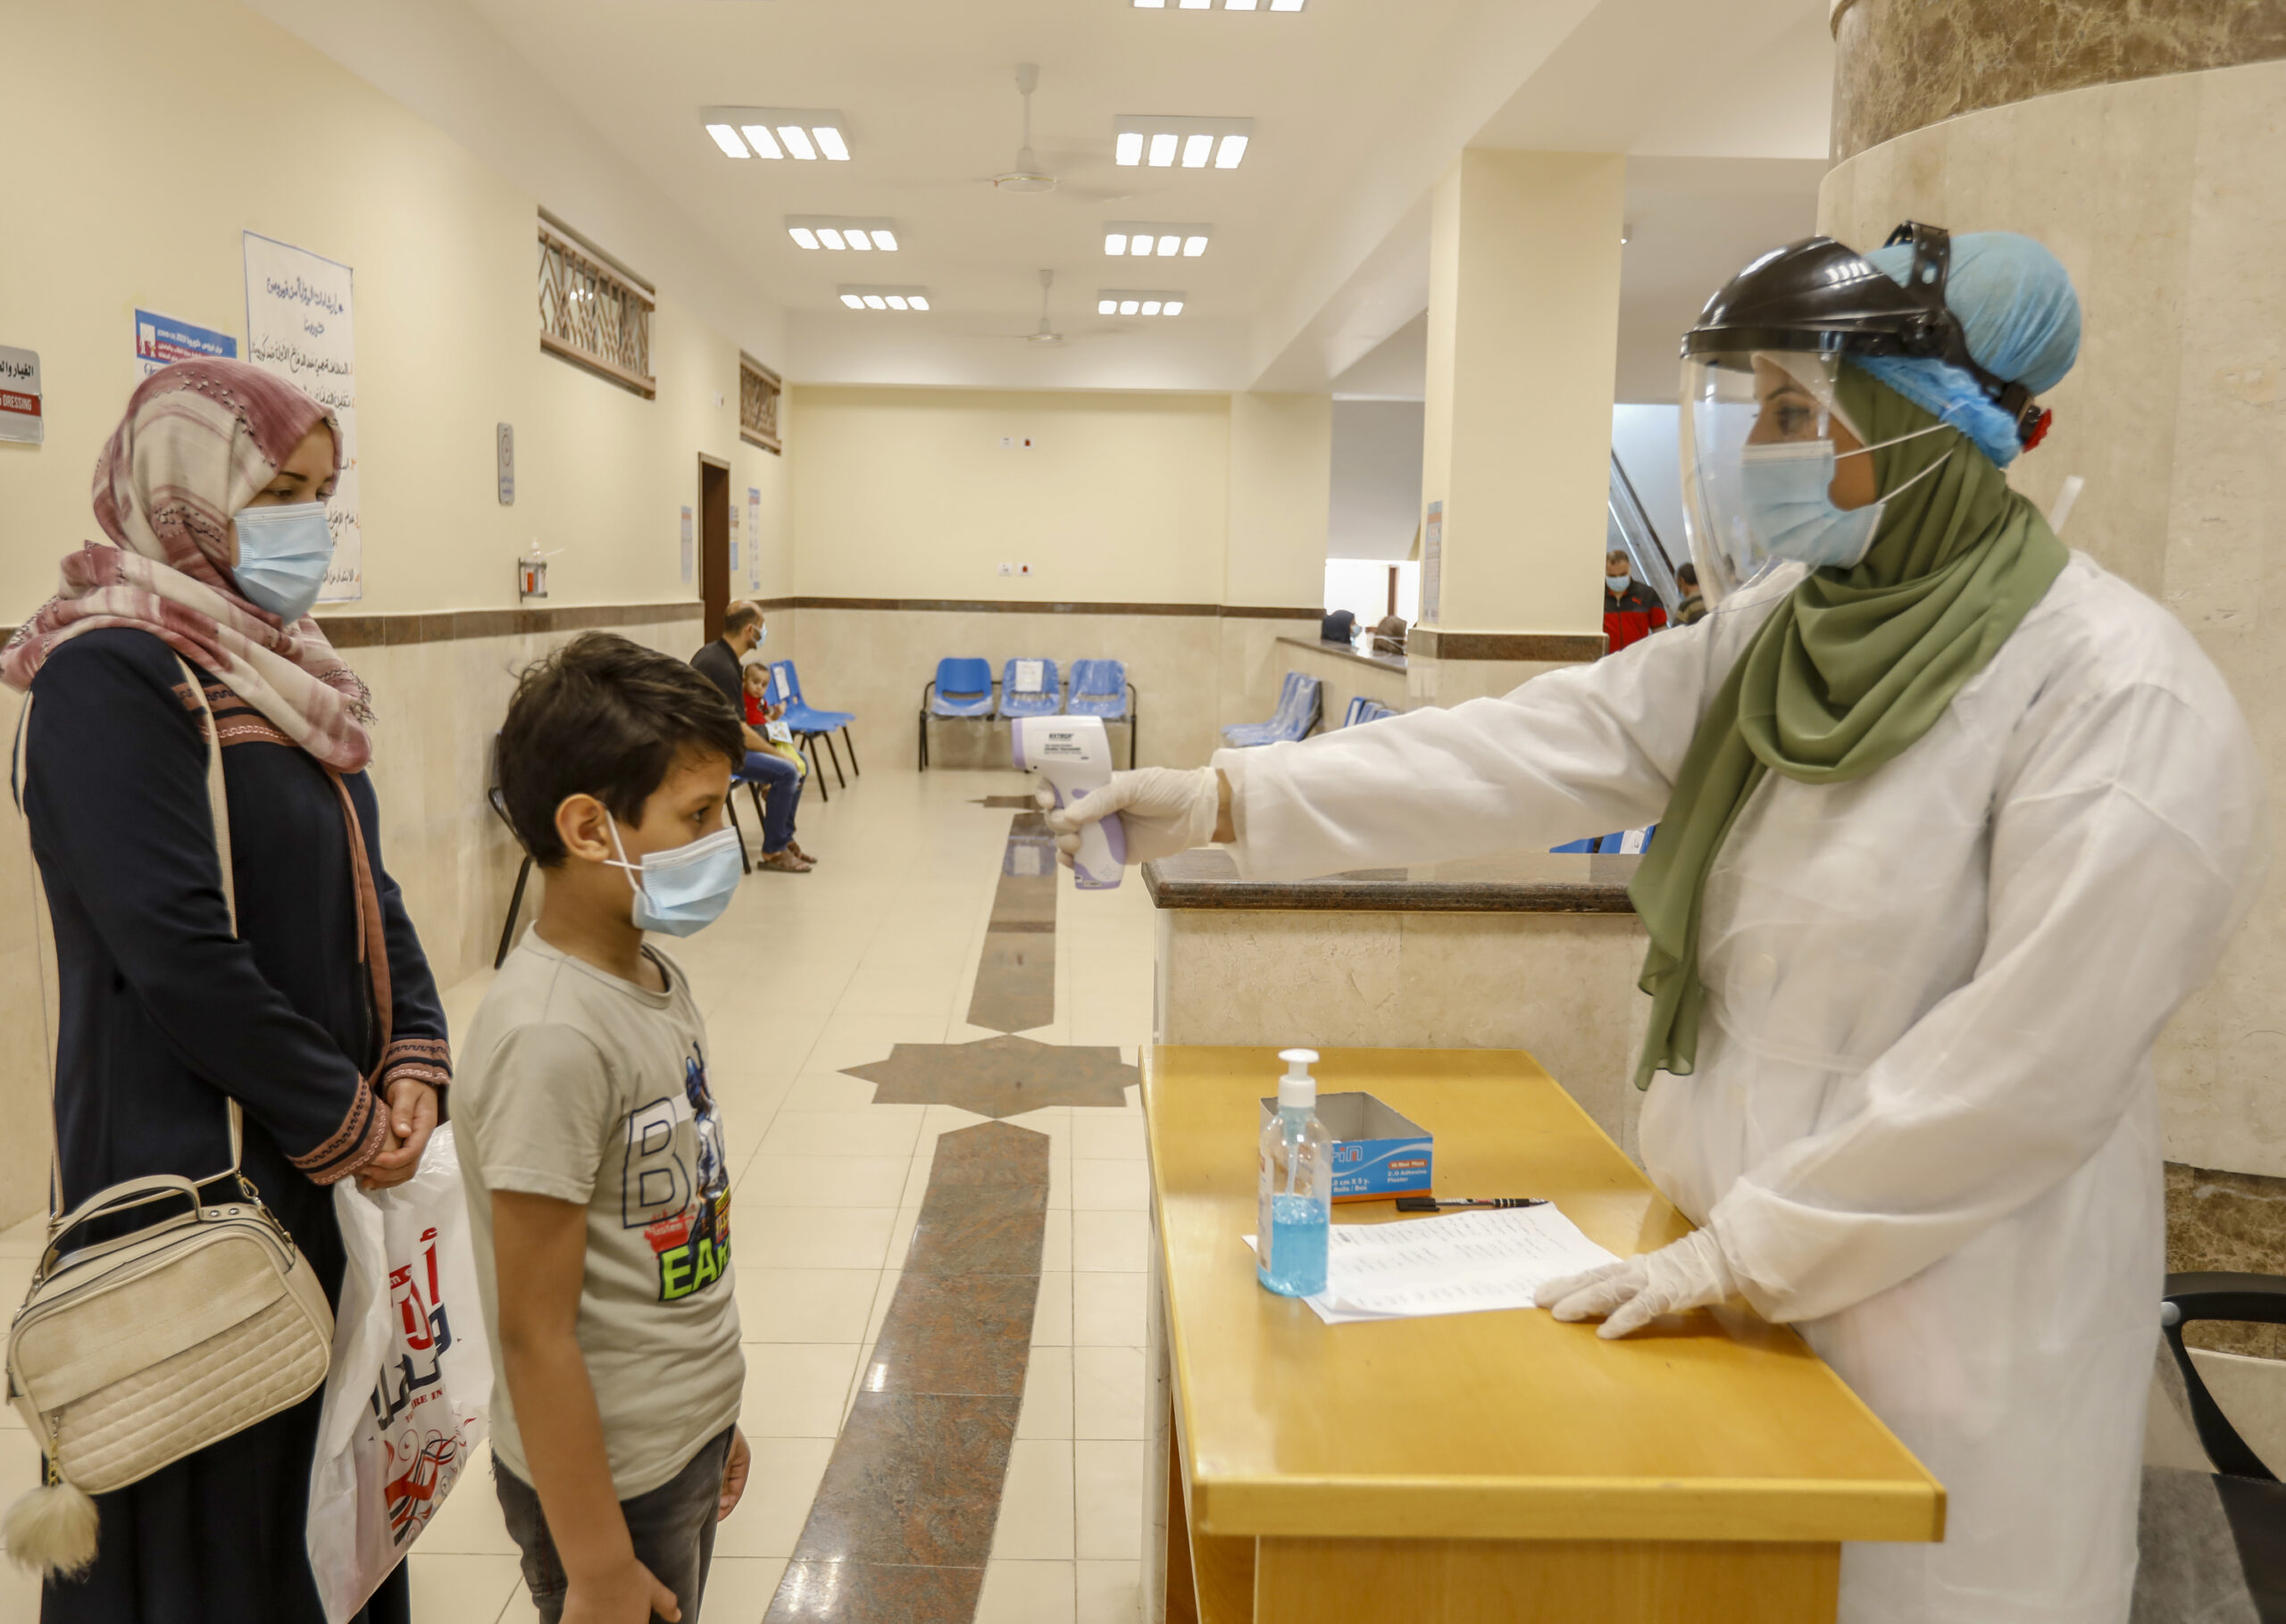 Llamamiento urgente para evitar la suspensión de ayuda humanitaria en UNRWA